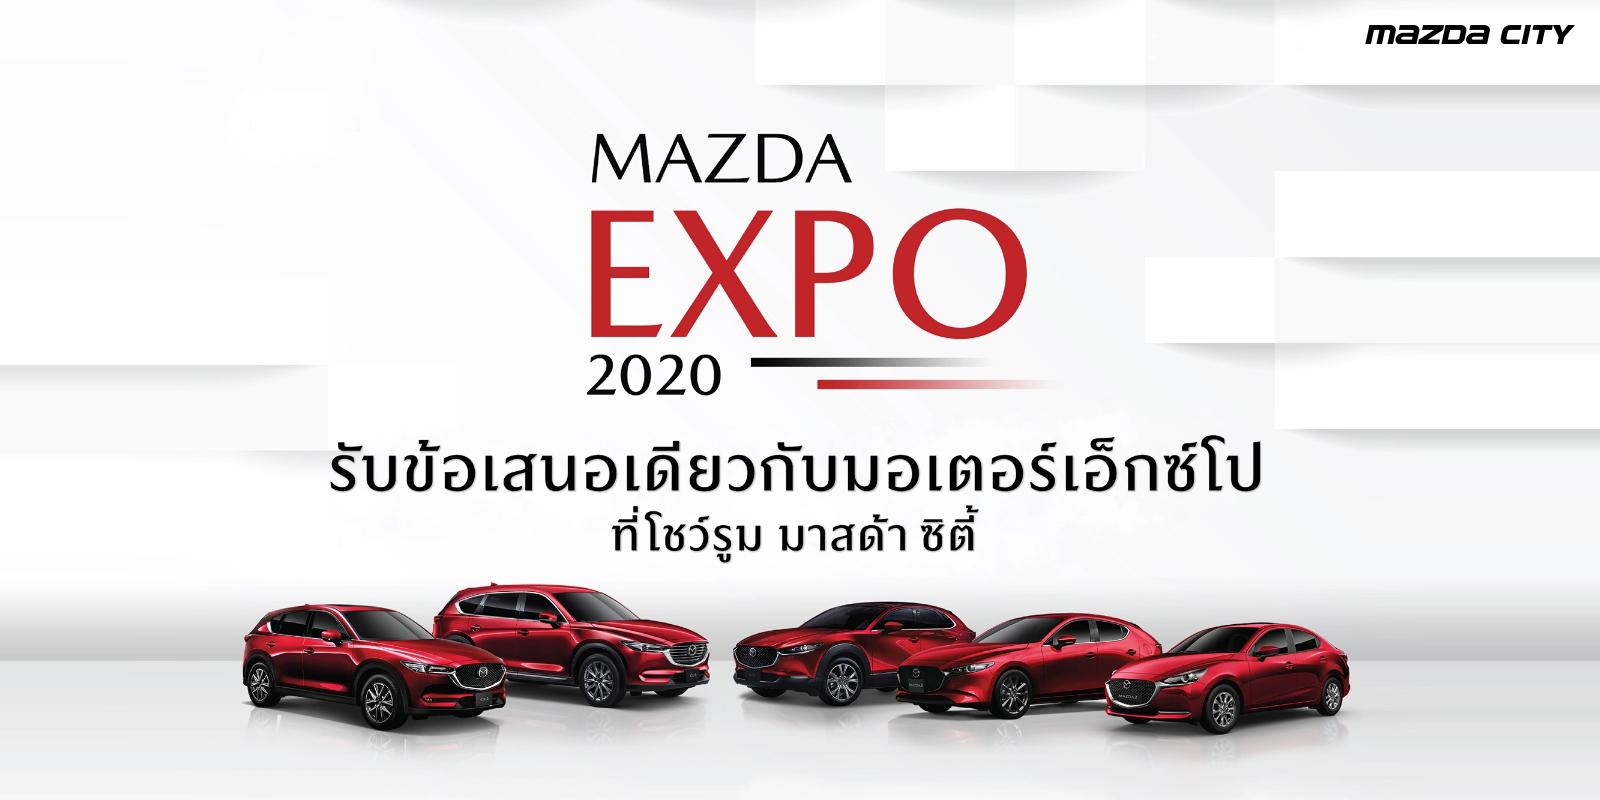 Mazda_EXPO_2020